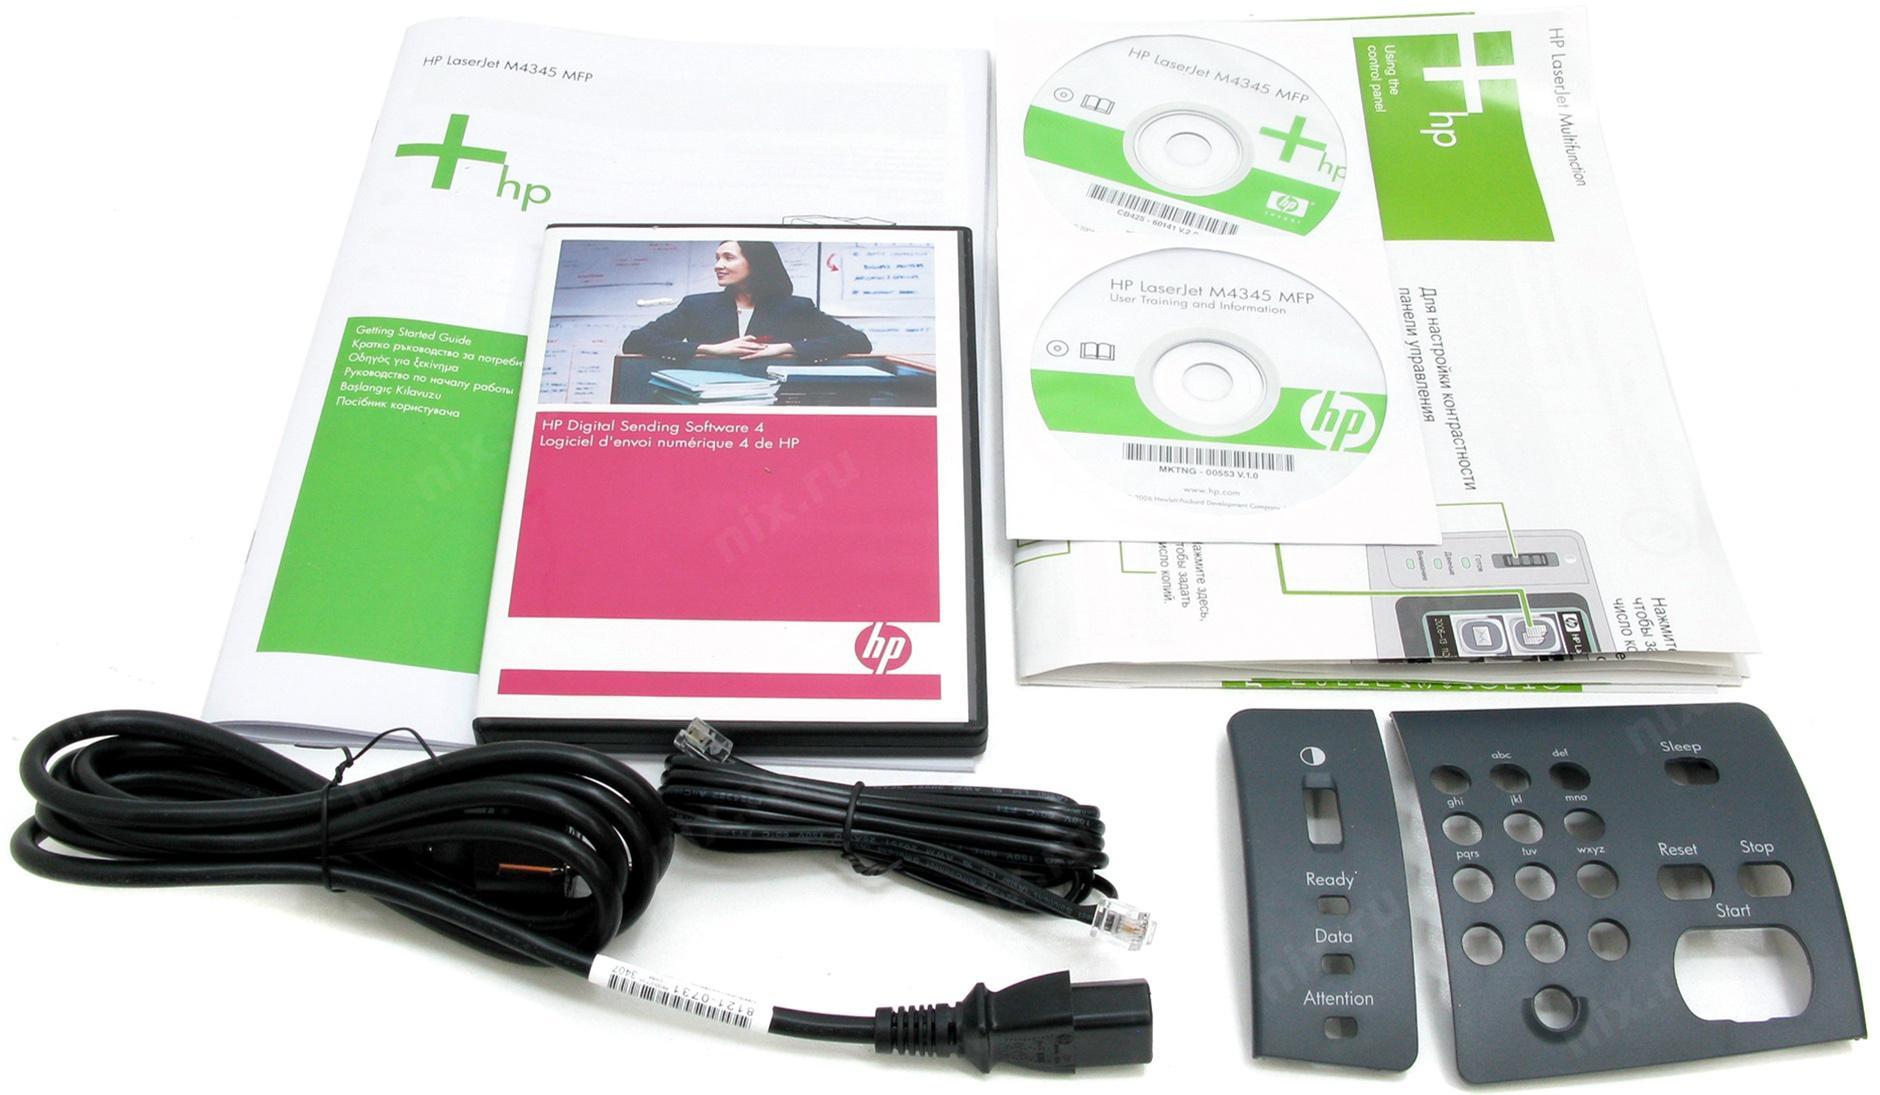 Laserjet m4345 driver hp mfp scanner